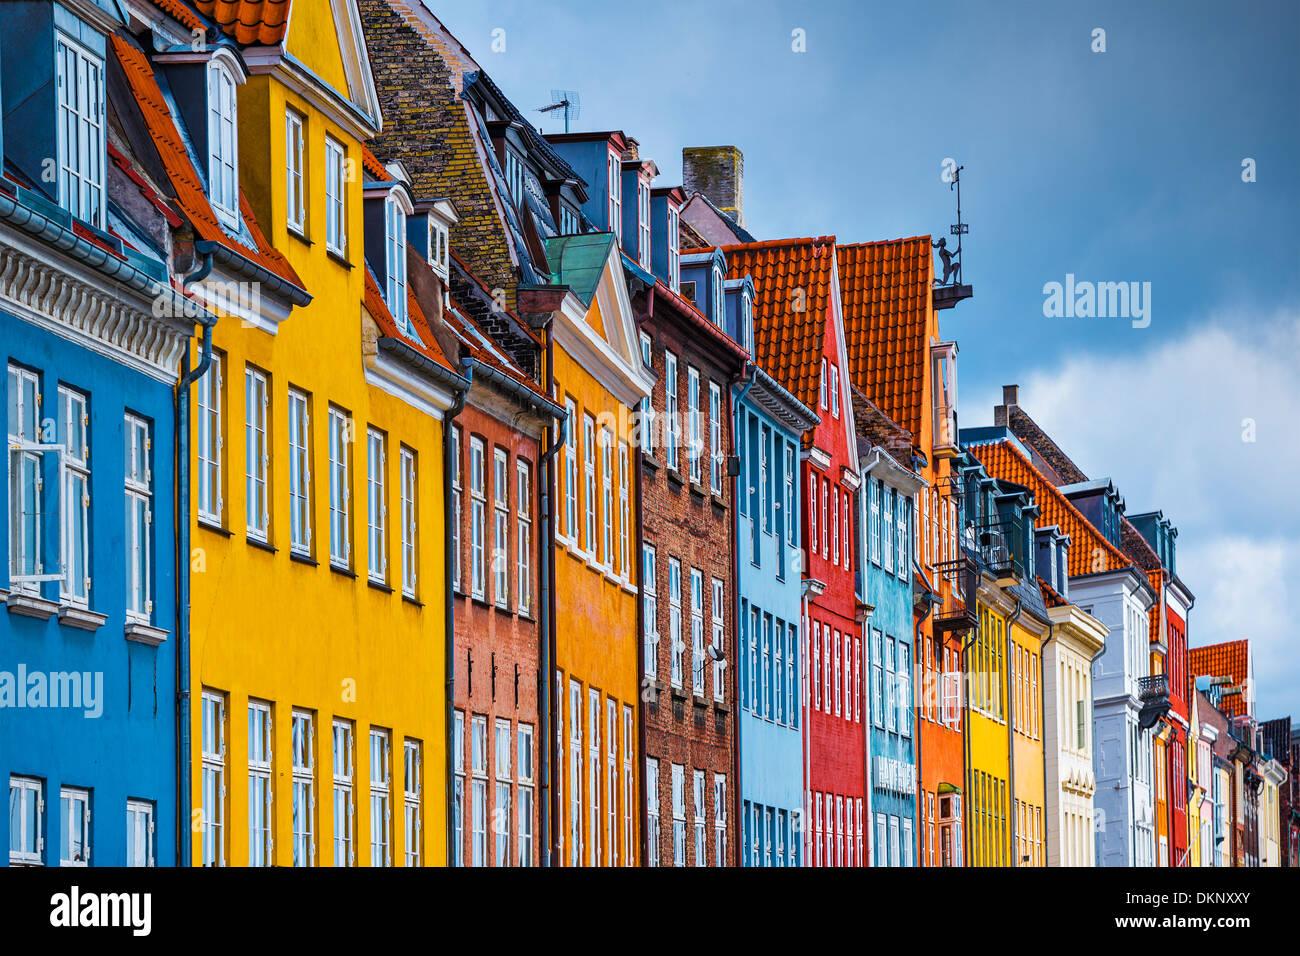 Les bâtiments de Nyhavn à Copenhague, Danemark. Photo Stock